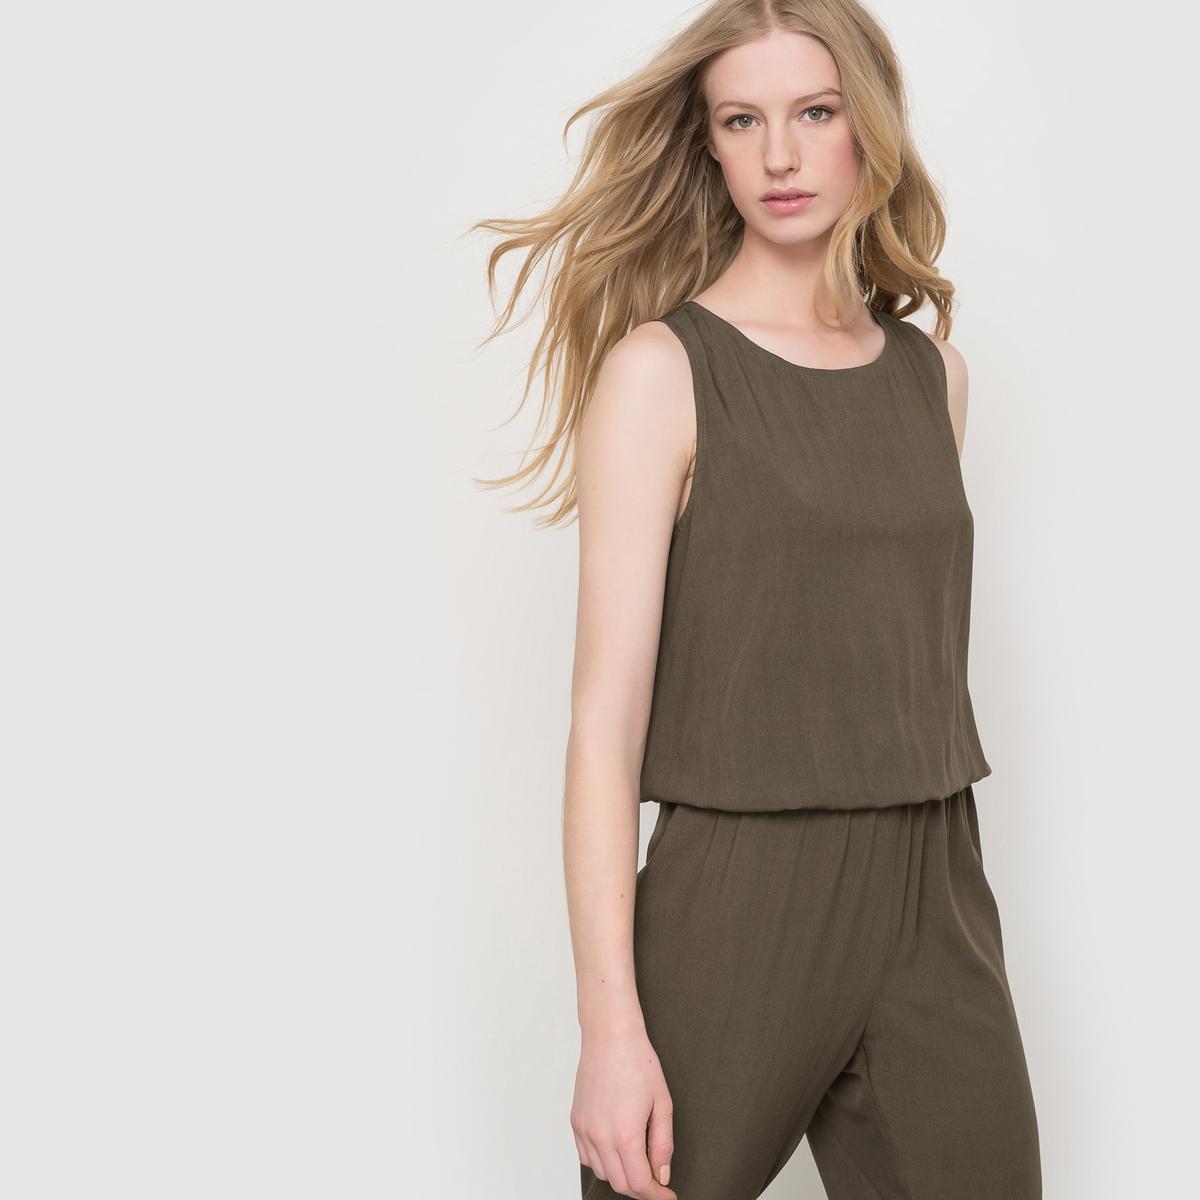 Комбинезон с брюками, спинка с вырезомКомбинезон с брюками, спинка с вырезом. Без рукавов, круглый вырез. Эластичный пояс. 2 прорезных кармана сзади.    Состав и описаниеМатериал: 100% вискозы.Длина по внутреннему шву: 76 см.Ширина по низу: 15 см.Марка: LES PETITS PRIX.УходМашинная стирка при 30°C с одеждой подобных цветов.Стирать и гладить с изнанки.Не рекомендуется машинная сушка.Гладить на низкой температуре.<br><br>Цвет: хаки<br>Размер: 40 (FR) - 46 (RUS).48 (FR) - 54 (RUS)